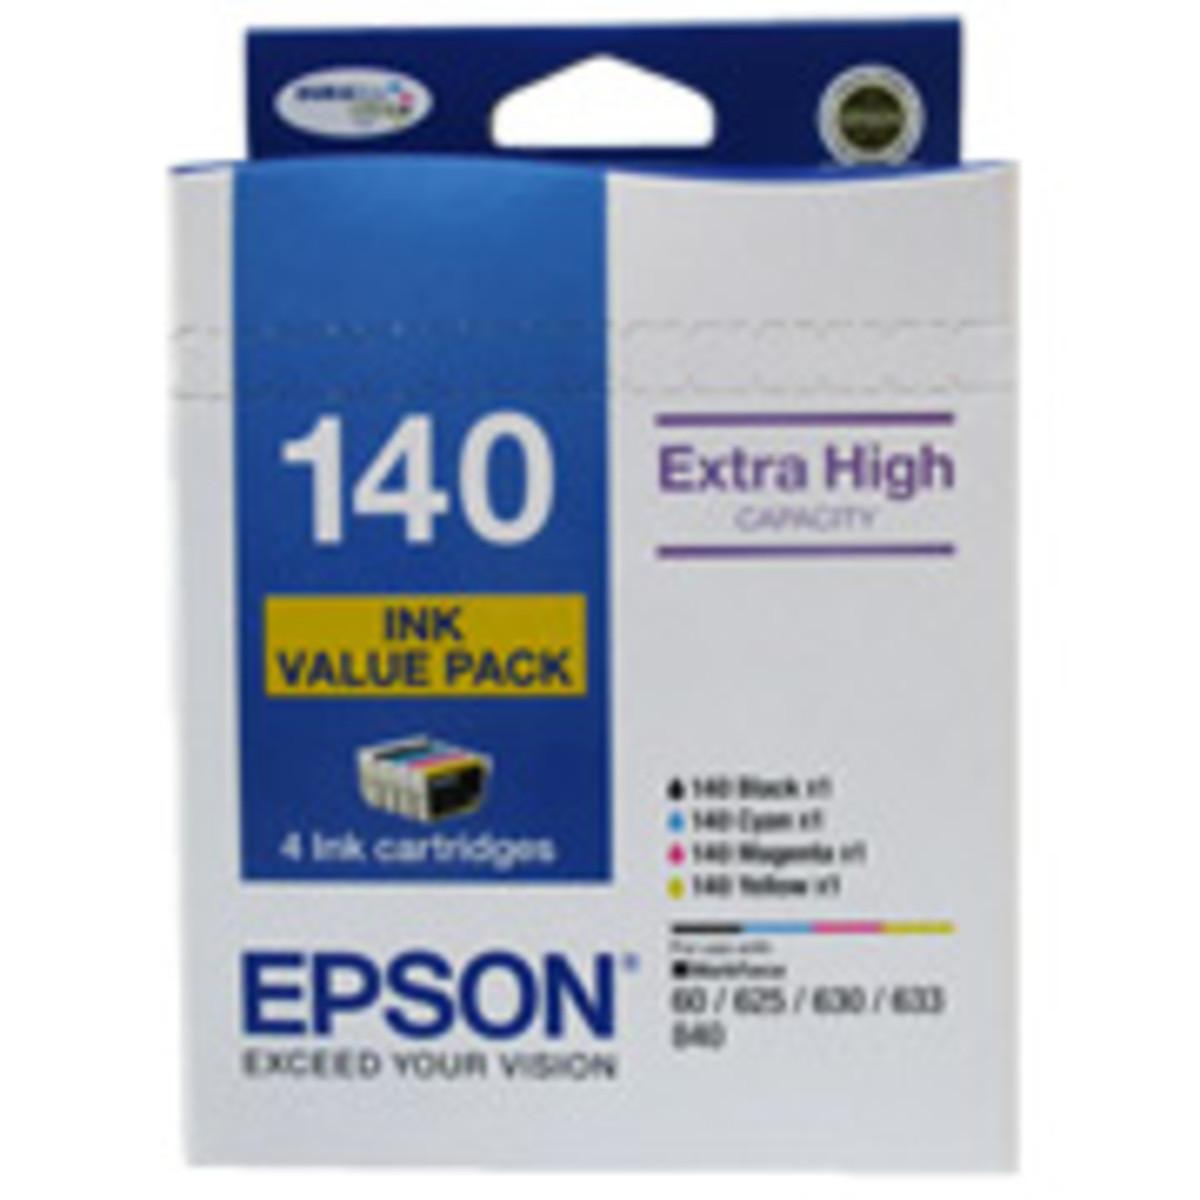 Epson 140 Colour Ink Cartridges - Value Pack